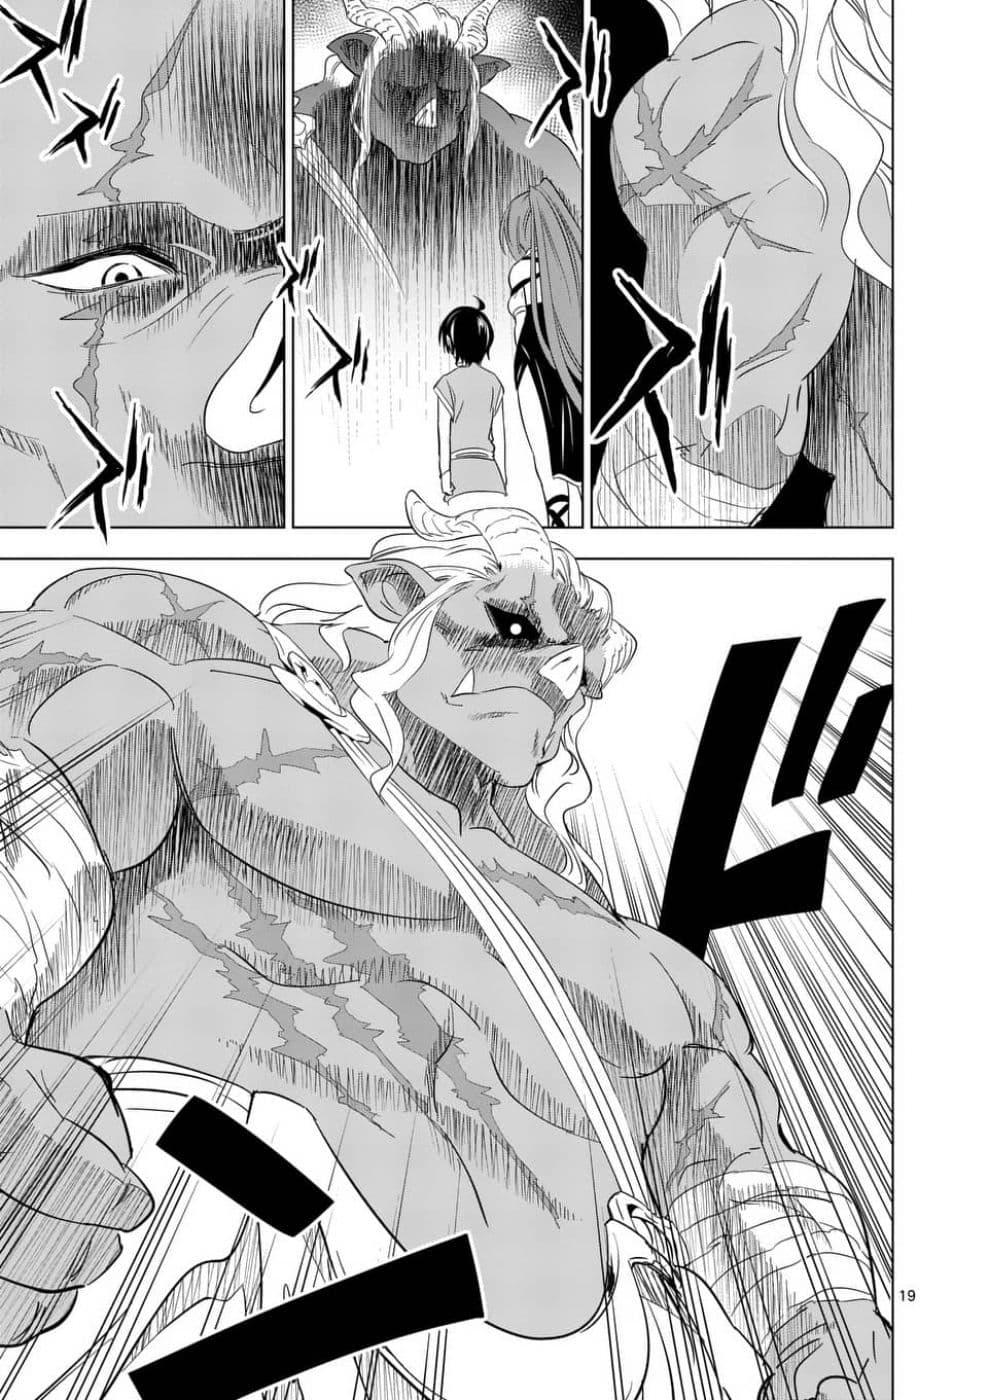 อ่านการ์ตูน Shijou Saikyou Oak-san no Tanoshii Tanetsuke Harem Zukuri ตอนที่ 1 หน้าที่ 17